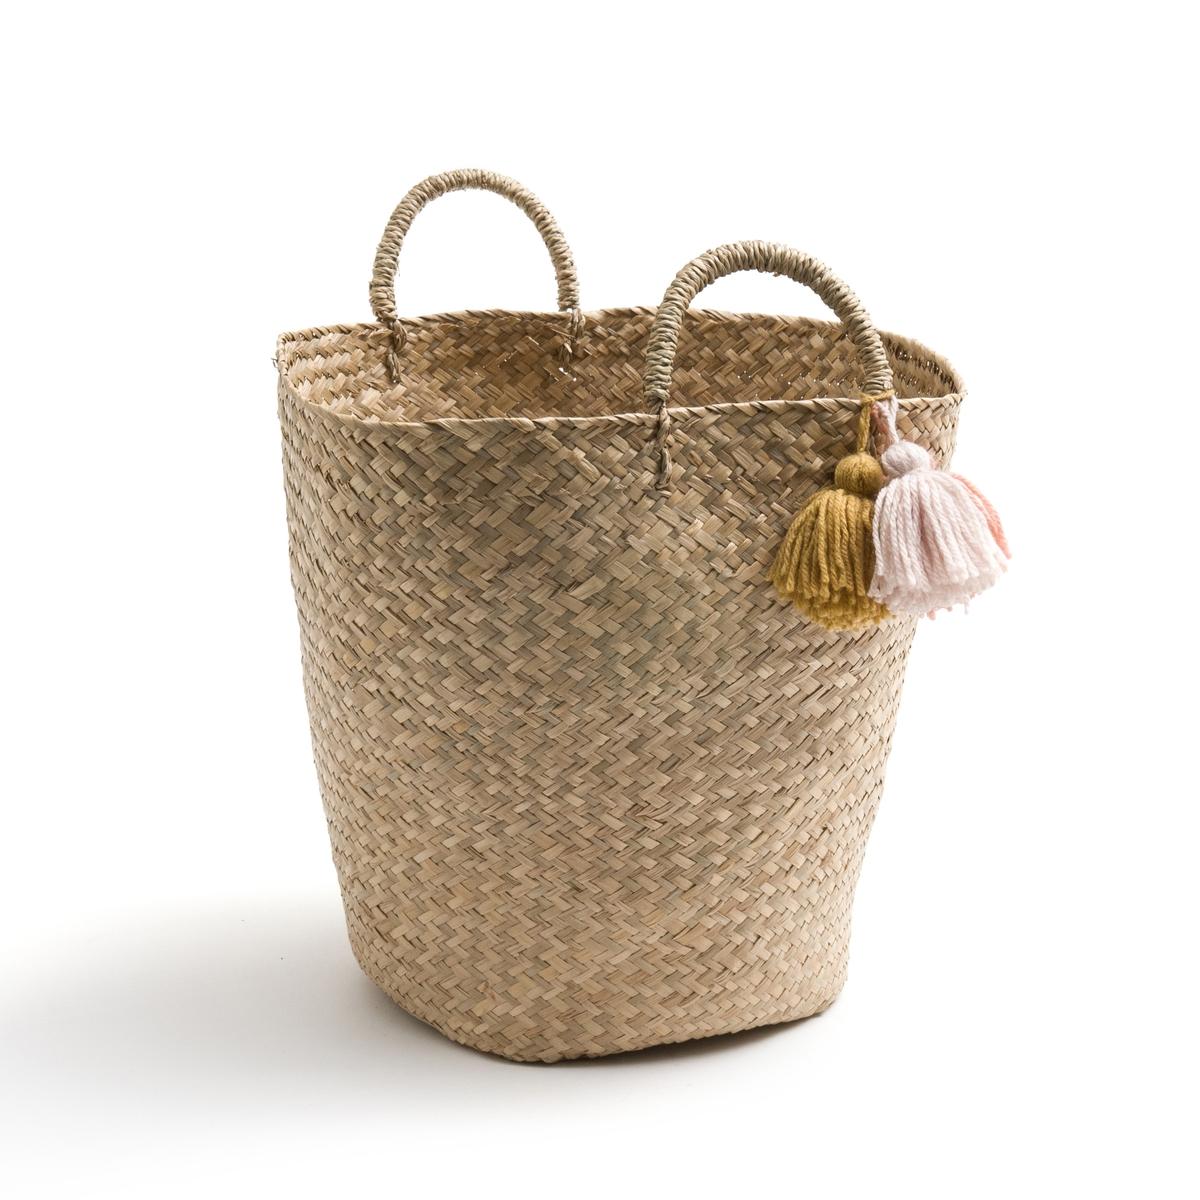 Корзина с помпонами, IKOYAХарактеристики корзины с помпонами Ikoya : Корзина из морского камыша, ручное производство.2 ручки.С цветными помпонами из шерсти.В виду того, что корзина Ikoya выполнена вручную, её размеры могут отличаться на +/- 2 см от заявленных ниже.Всю коллекцию декора для дома Вы найдете на laredoute.ru Размеры корзины с помпонами Ikoya :Диаметр : 32 смВысота : 35 см<br><br>Цвет: разноцветный